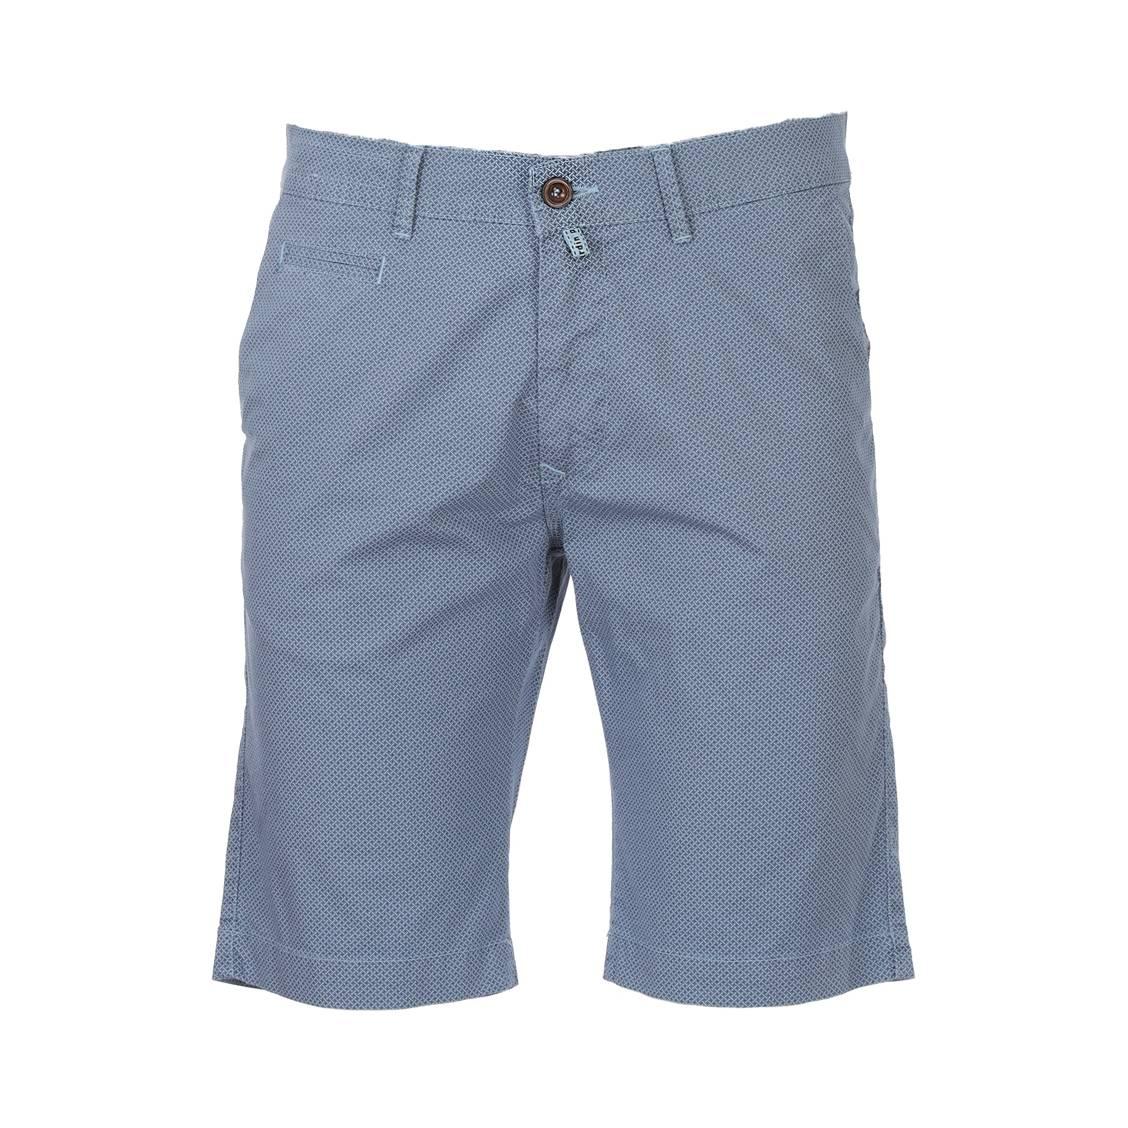 Short chino  lyon en coton stretch bleu ciel à micro motifs bleu pétrole